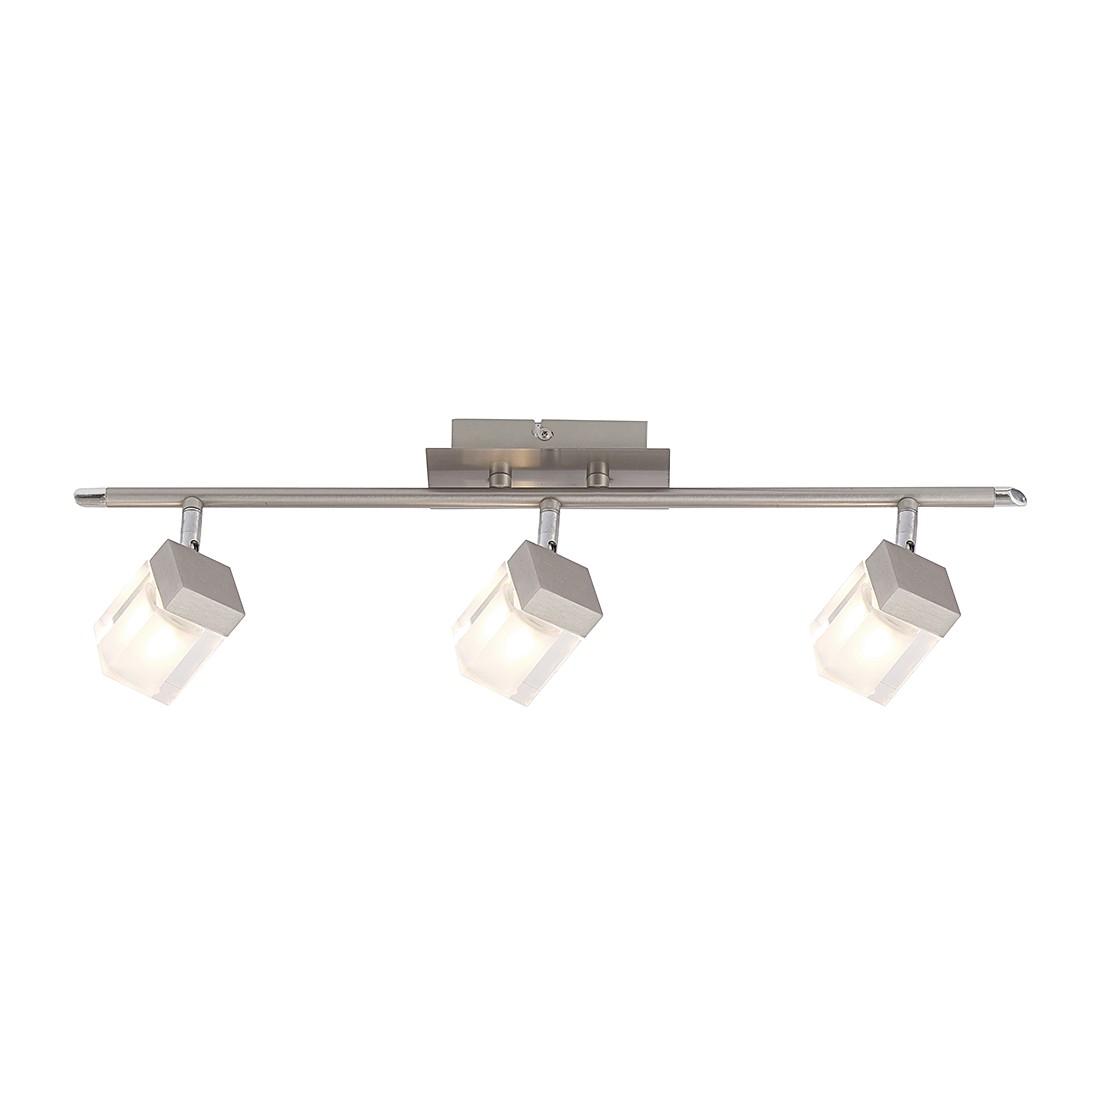 EEK A++, Strahler Cool Style 1 – 3-flammig, Globo Lighting kaufen